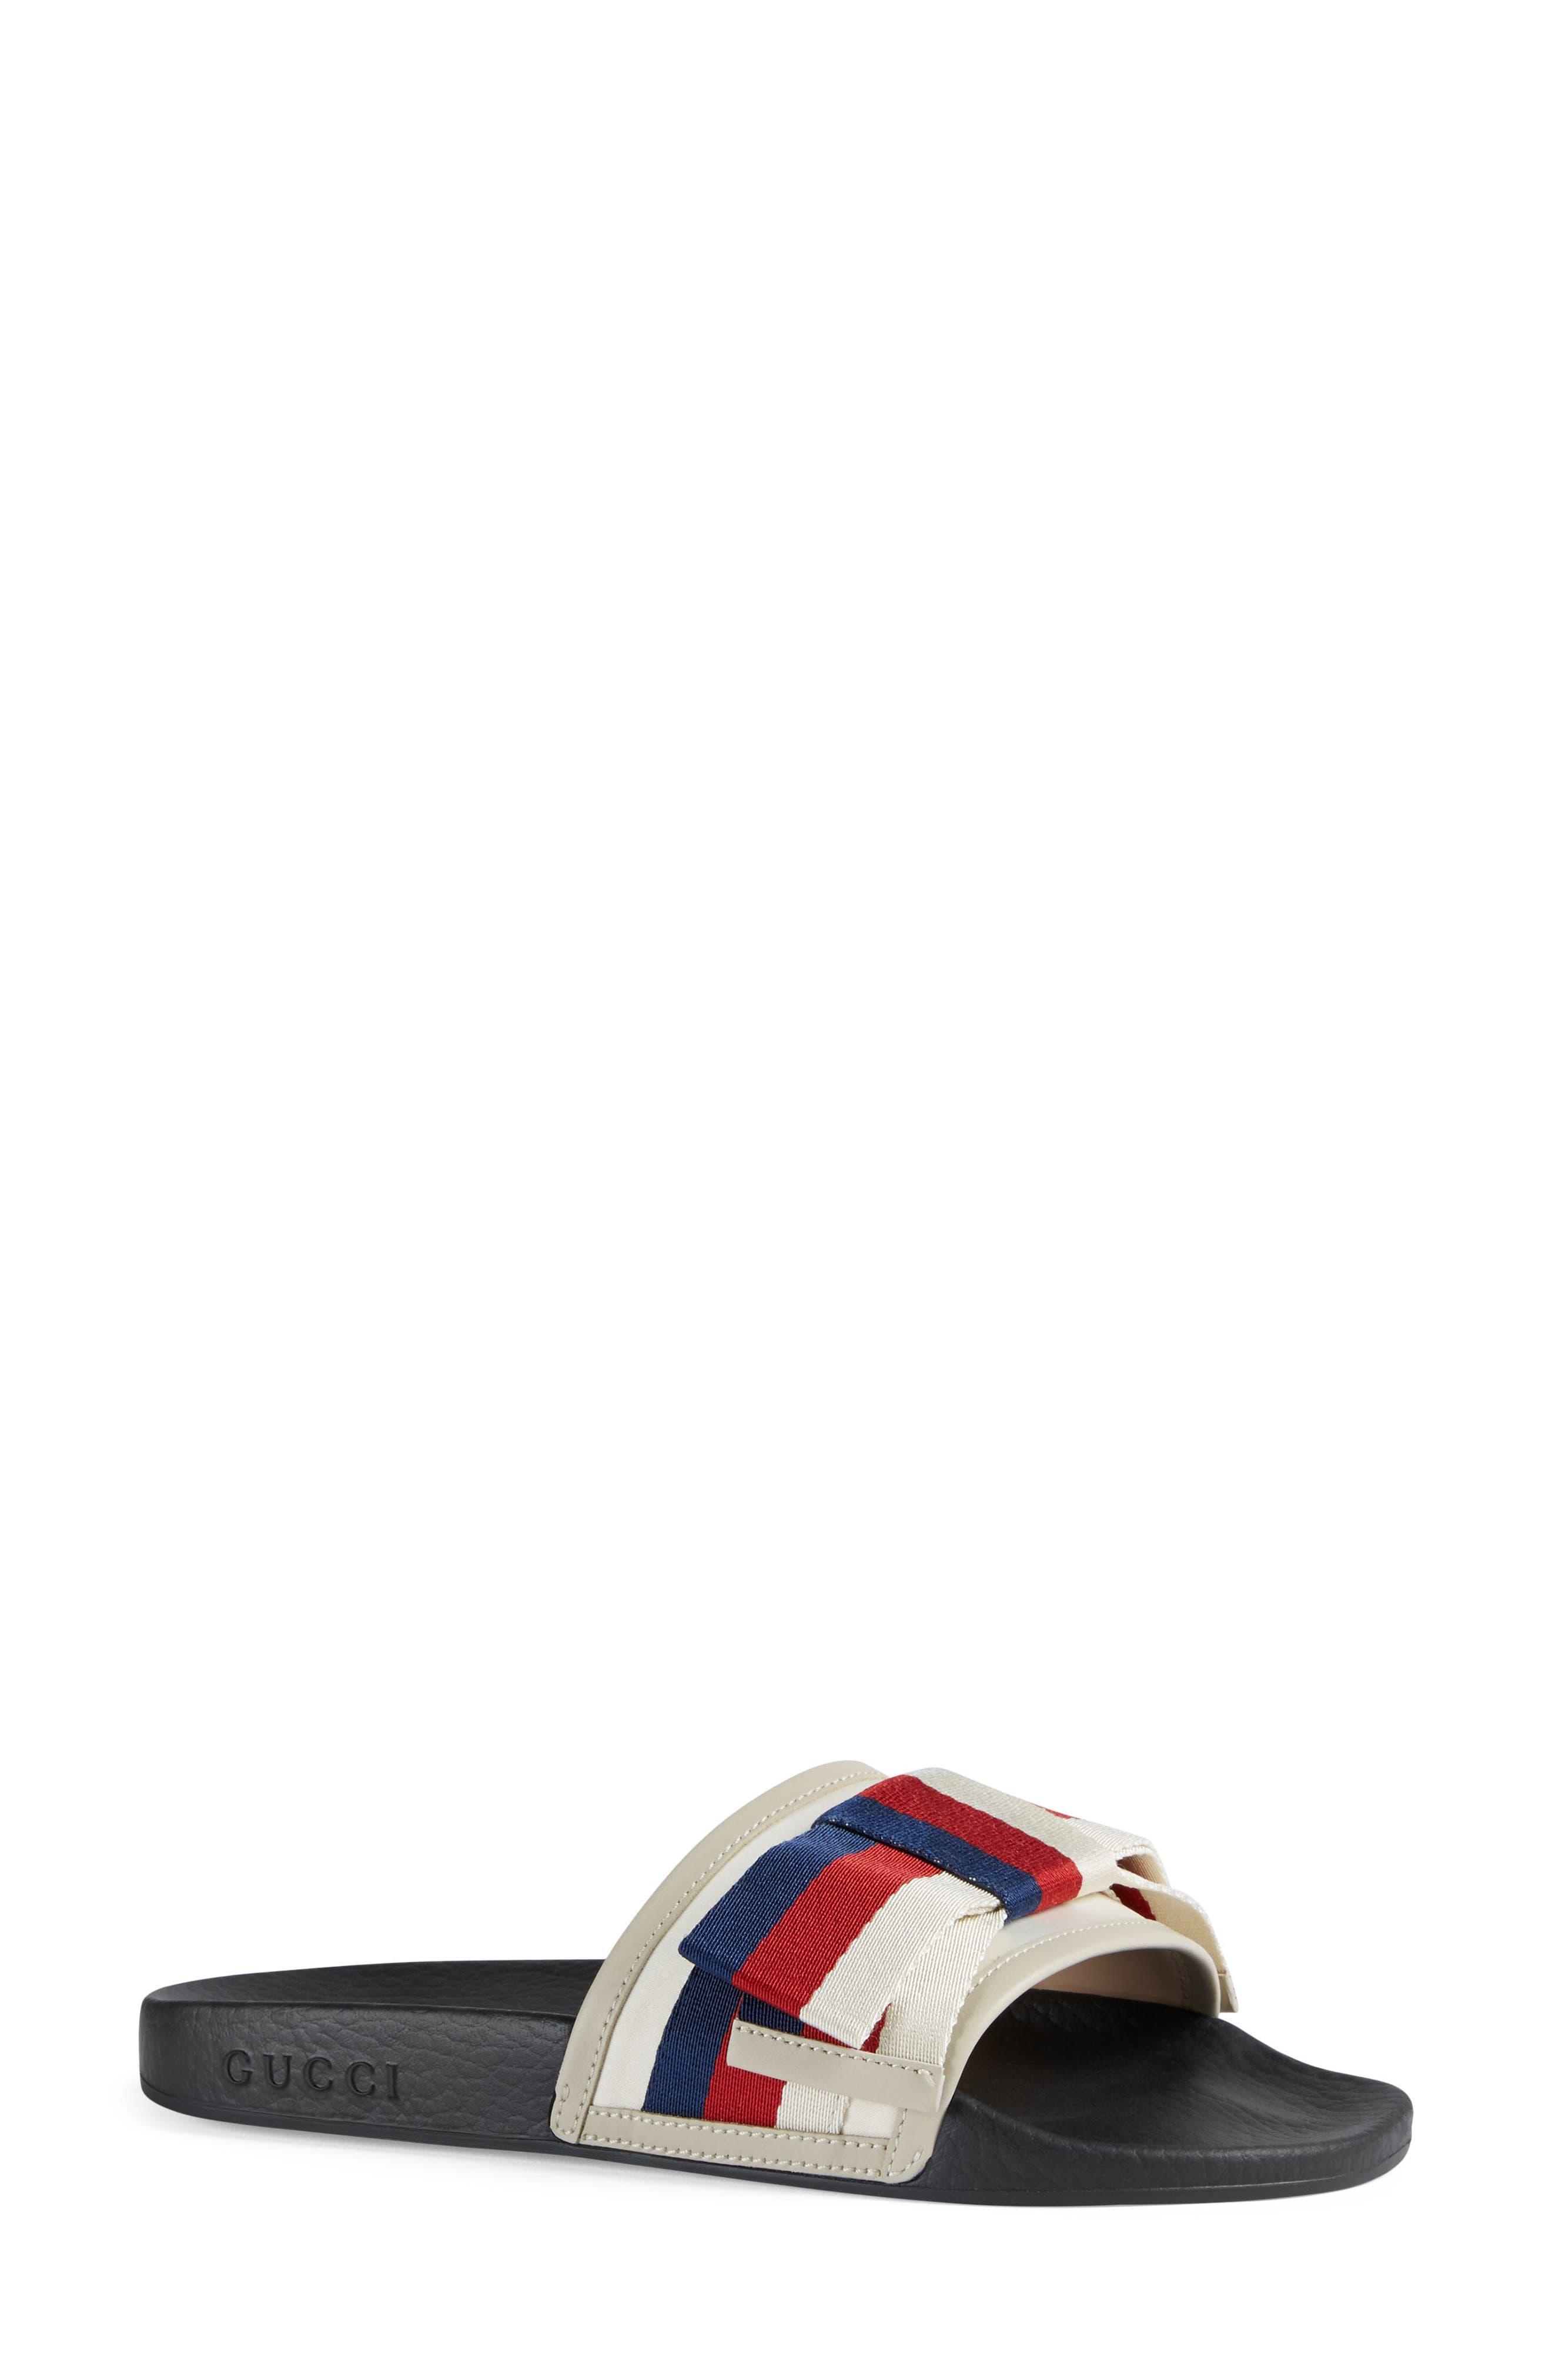 c0b5554d3adf Women s Gucci Sandals